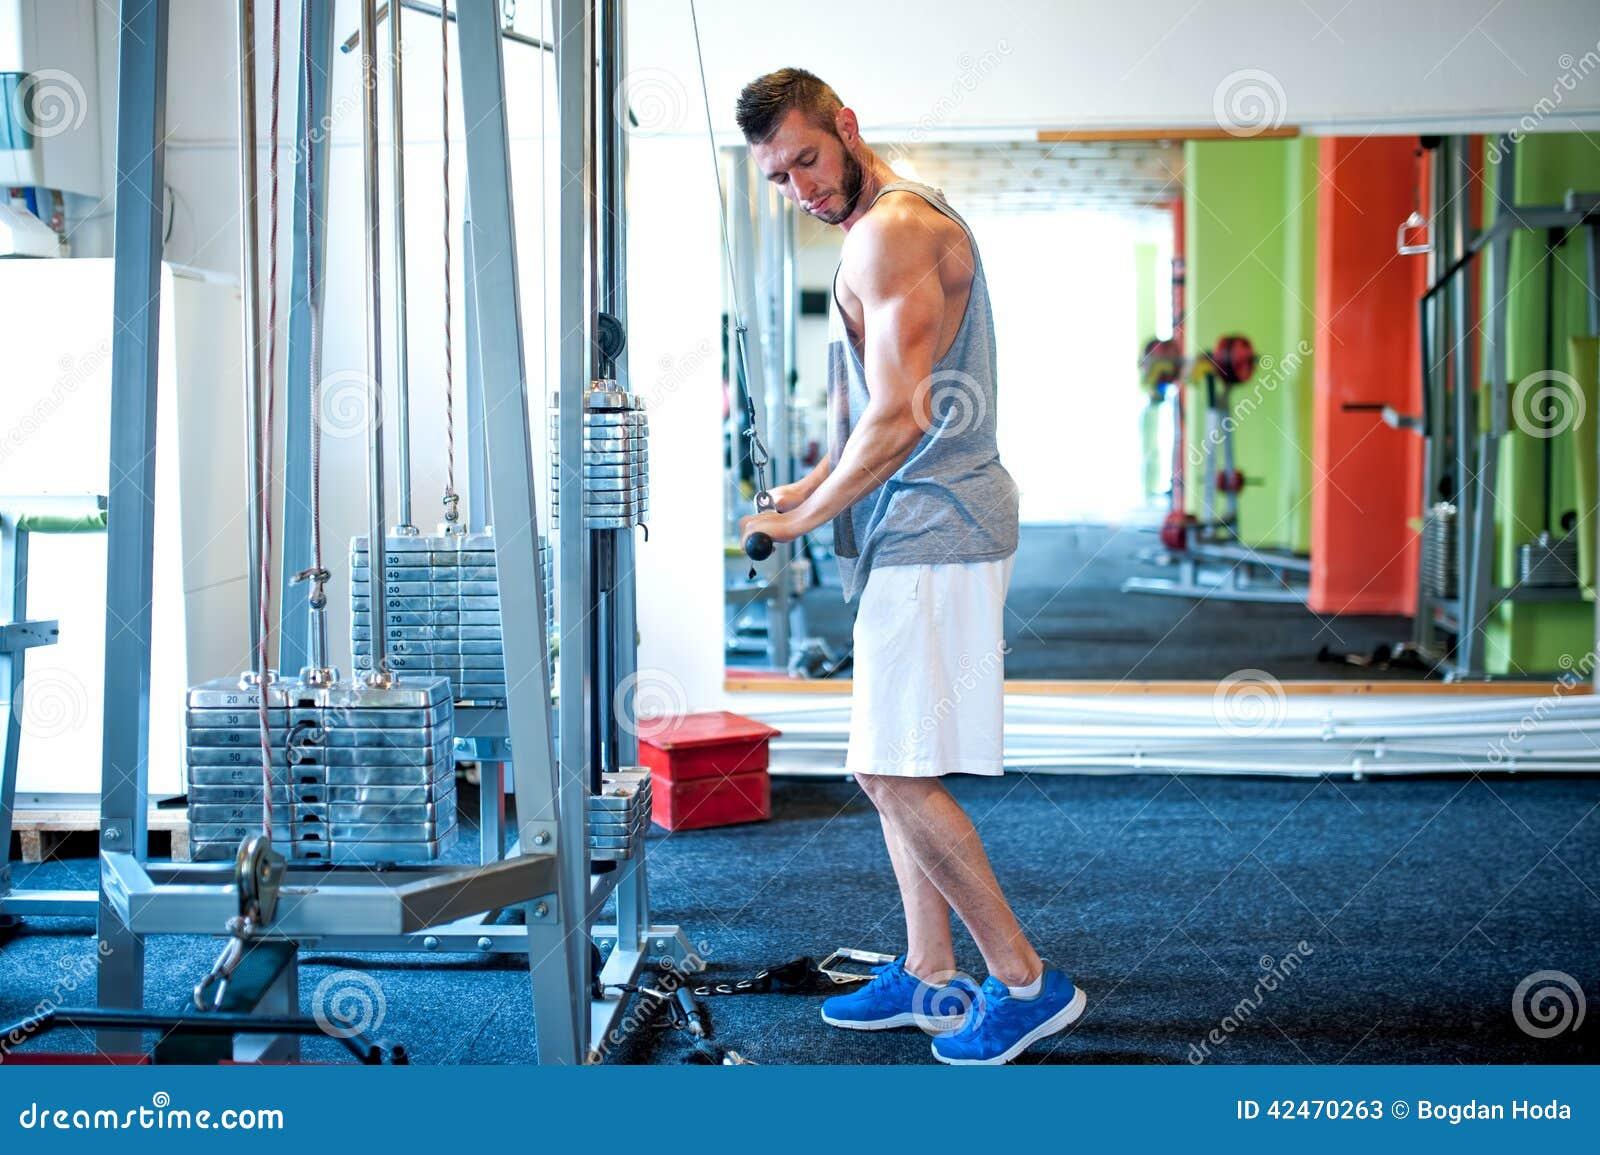 Athletisches Bodybuildertraining an der Turnhalle, Trizeps trainiert